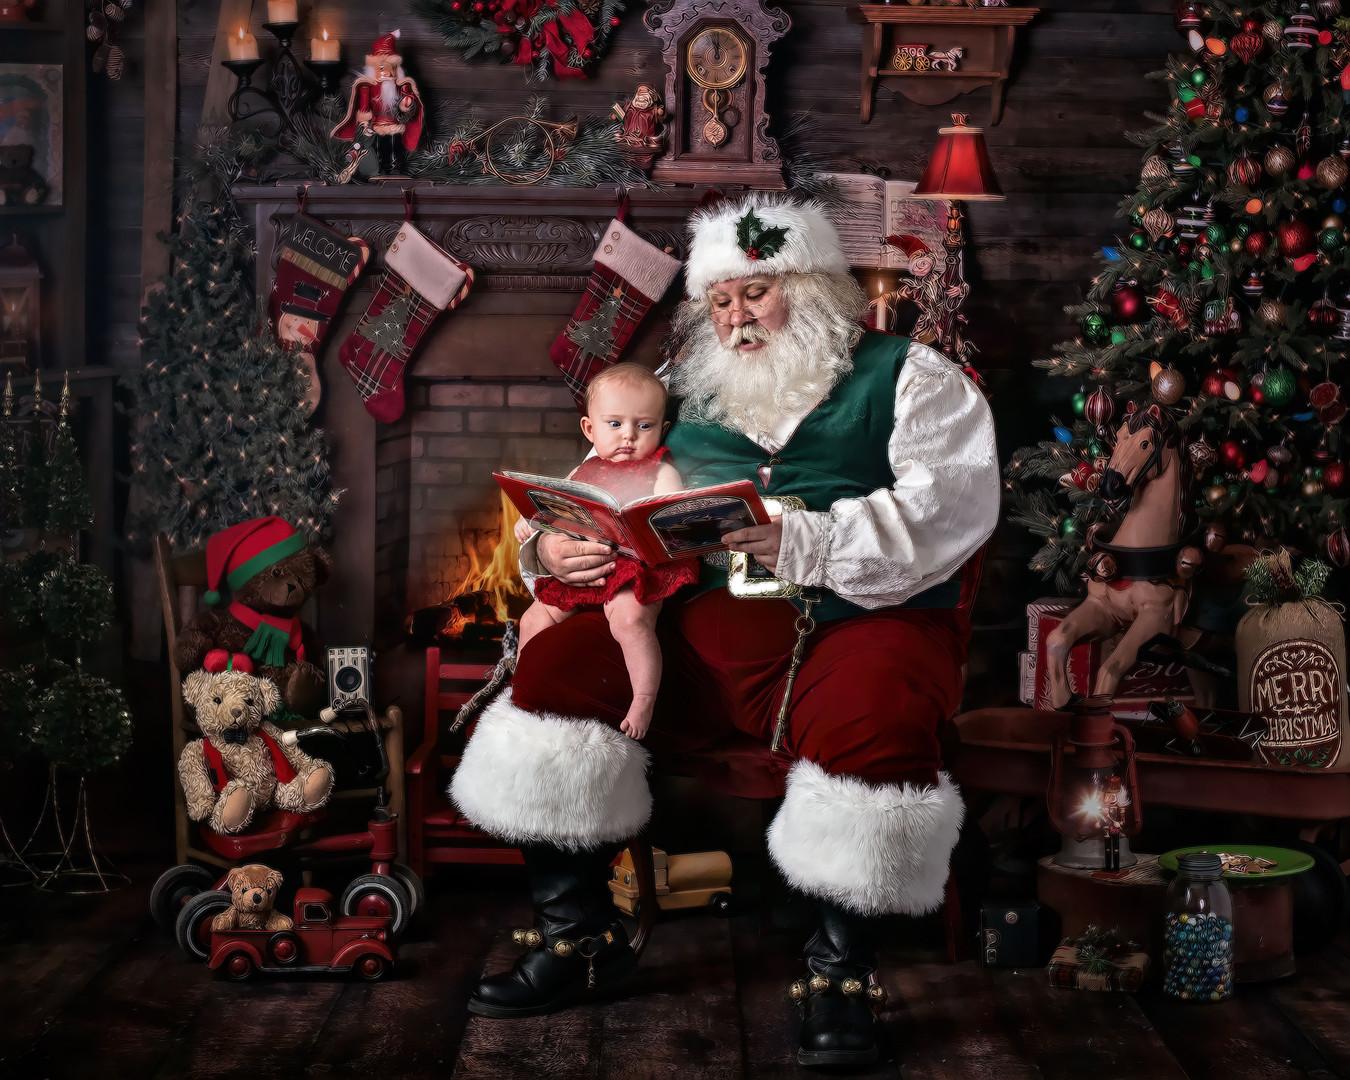 2019_December_12-Santa NR-0165-59.jpg